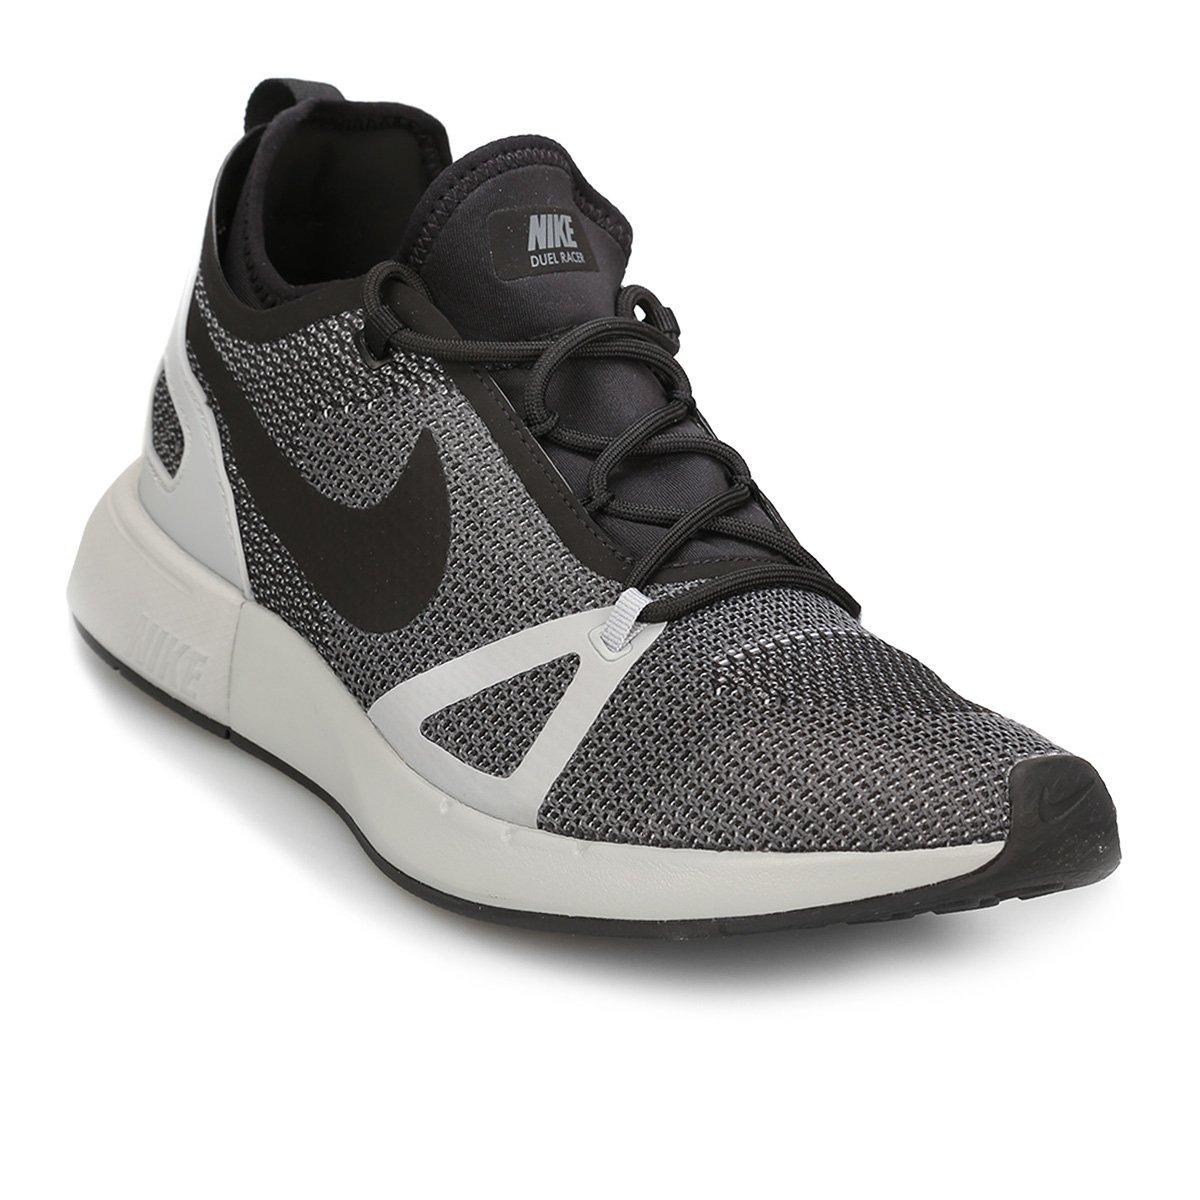 0be34428efc zapatillas nike duel racer - gris y negro - consulte talle. Cargando zoom.